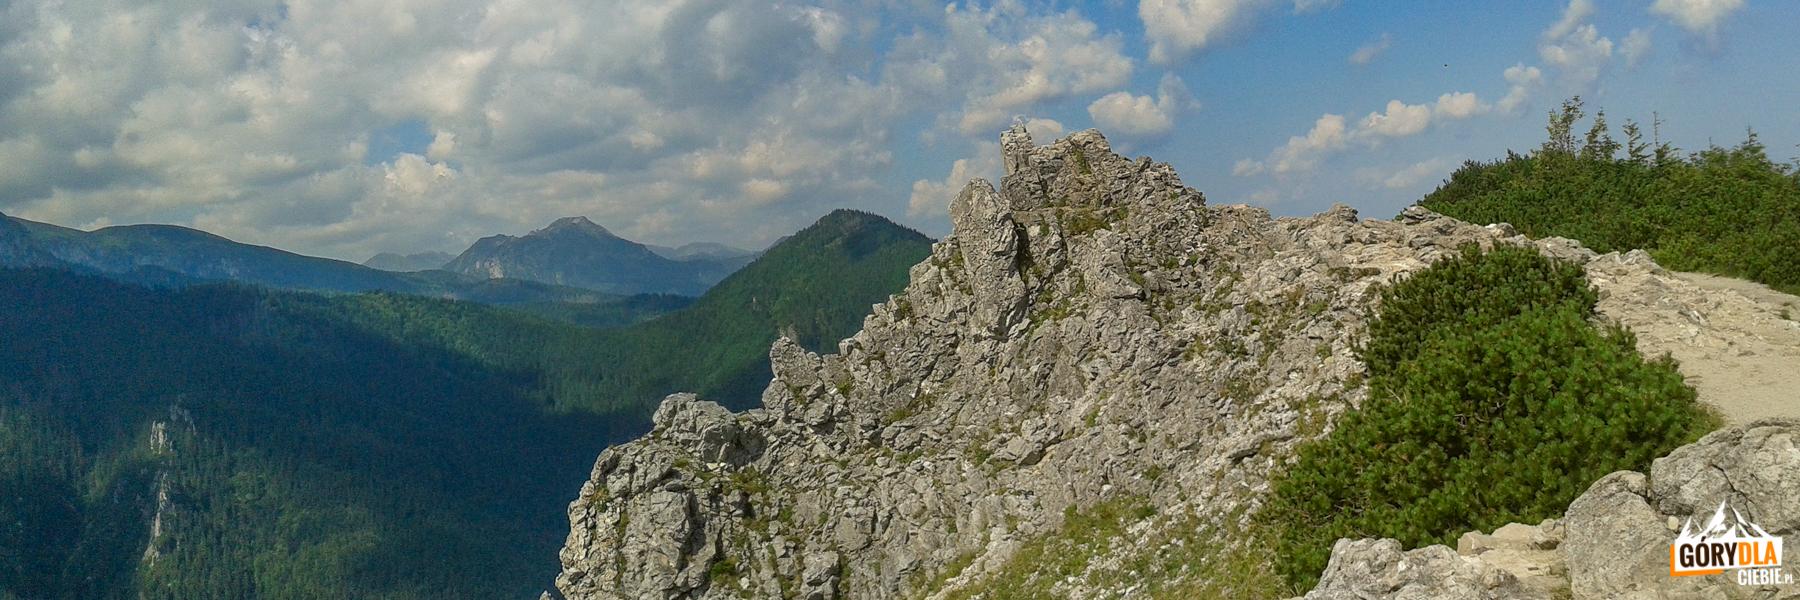 Widok zSarniej Skały (1377 m) naKominiarski Wierch (1829 m